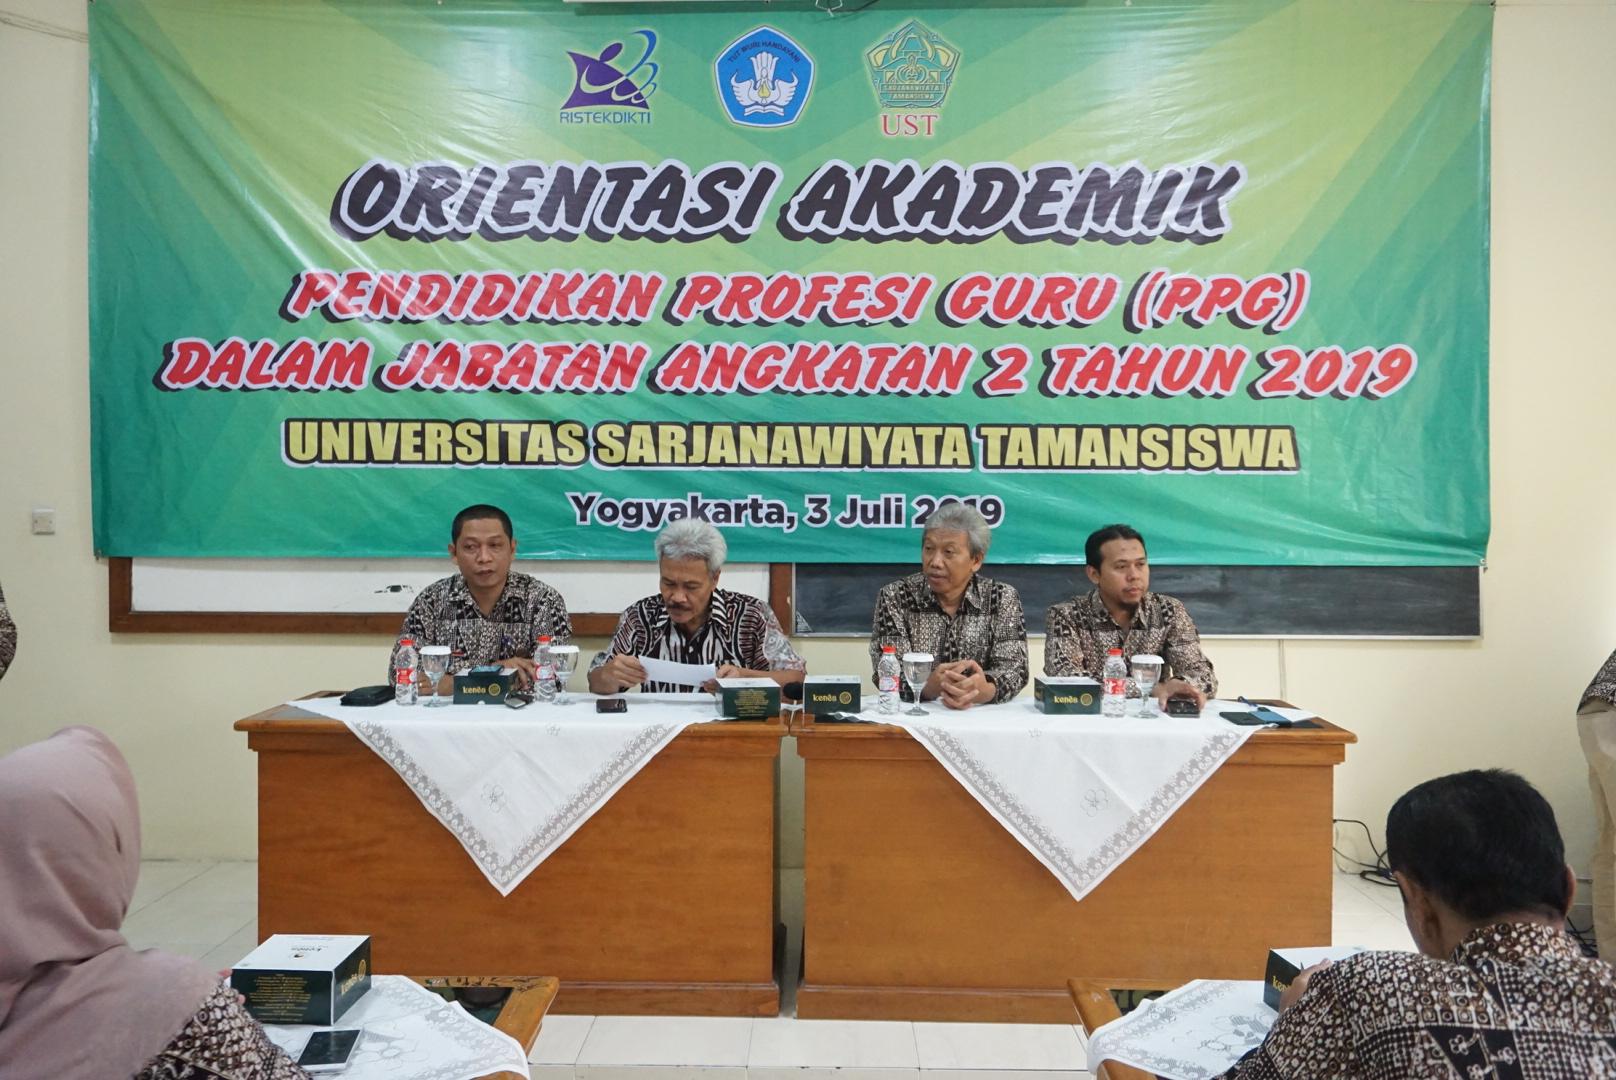 Orientasi Akademik PPG Dalam Jabatan (Daljab) Angkatan 2 Tahun 2019